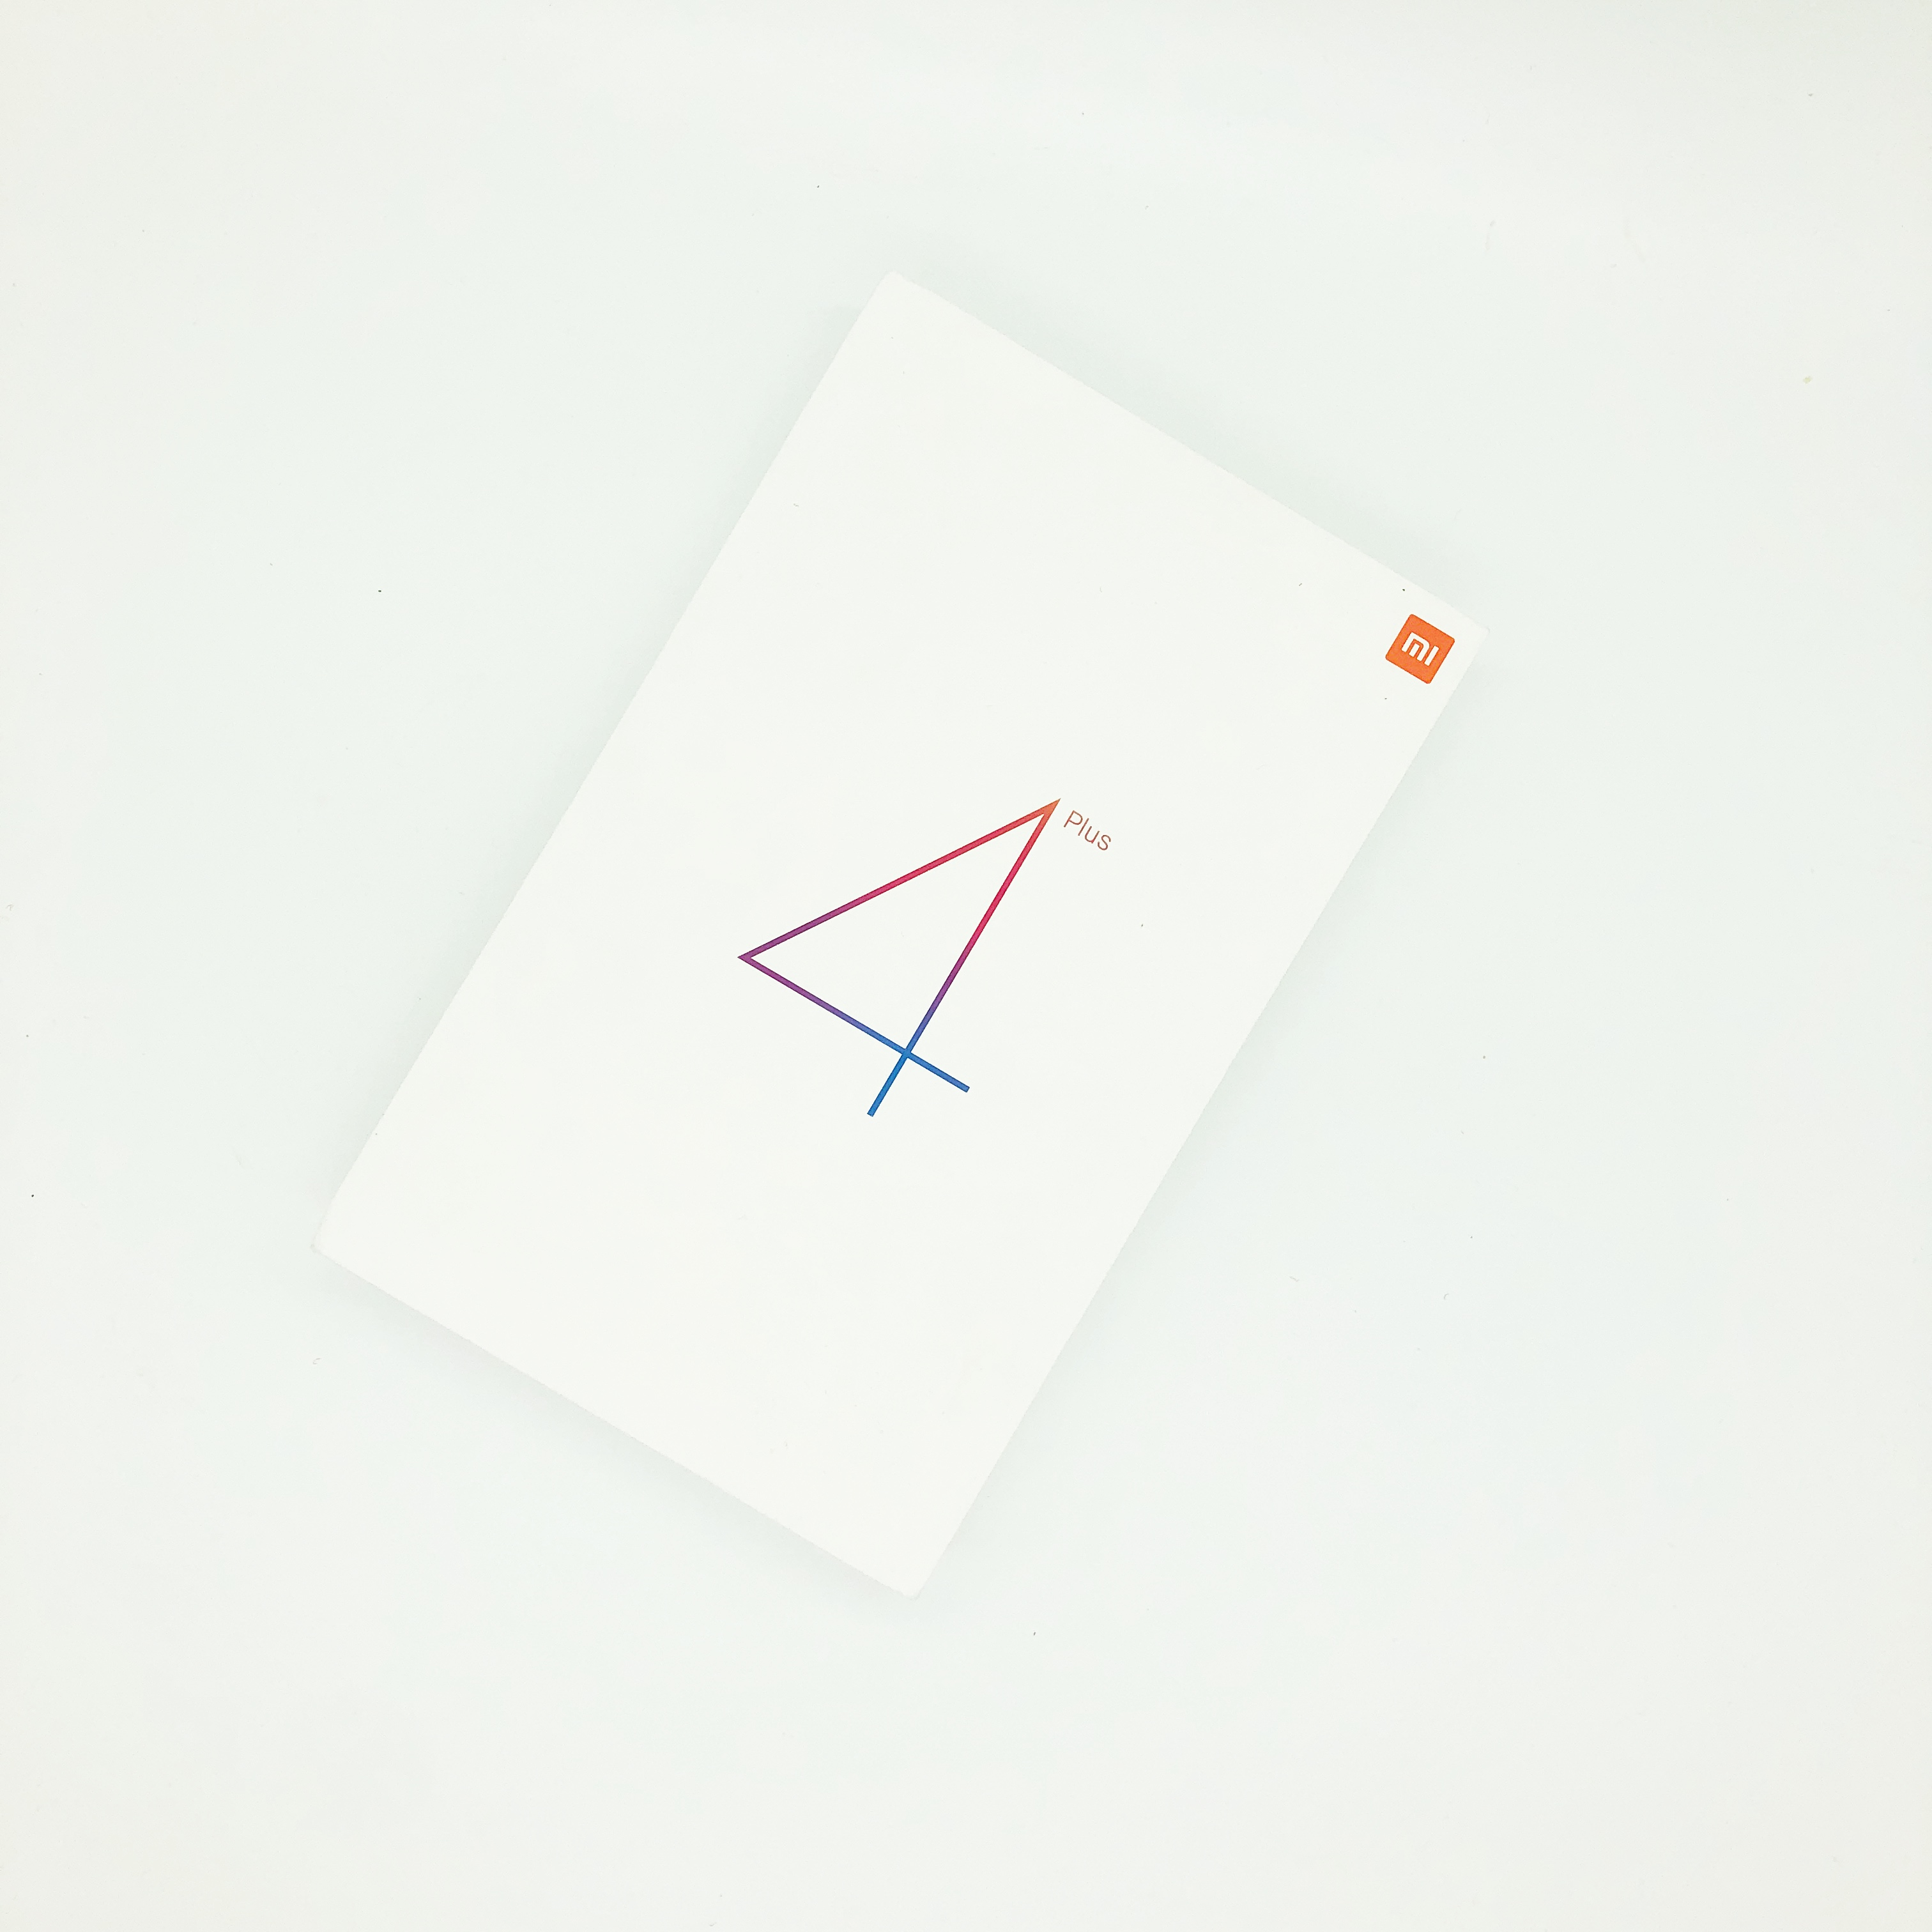 小米Mi Pad 4 Plus 4G [打开包装]